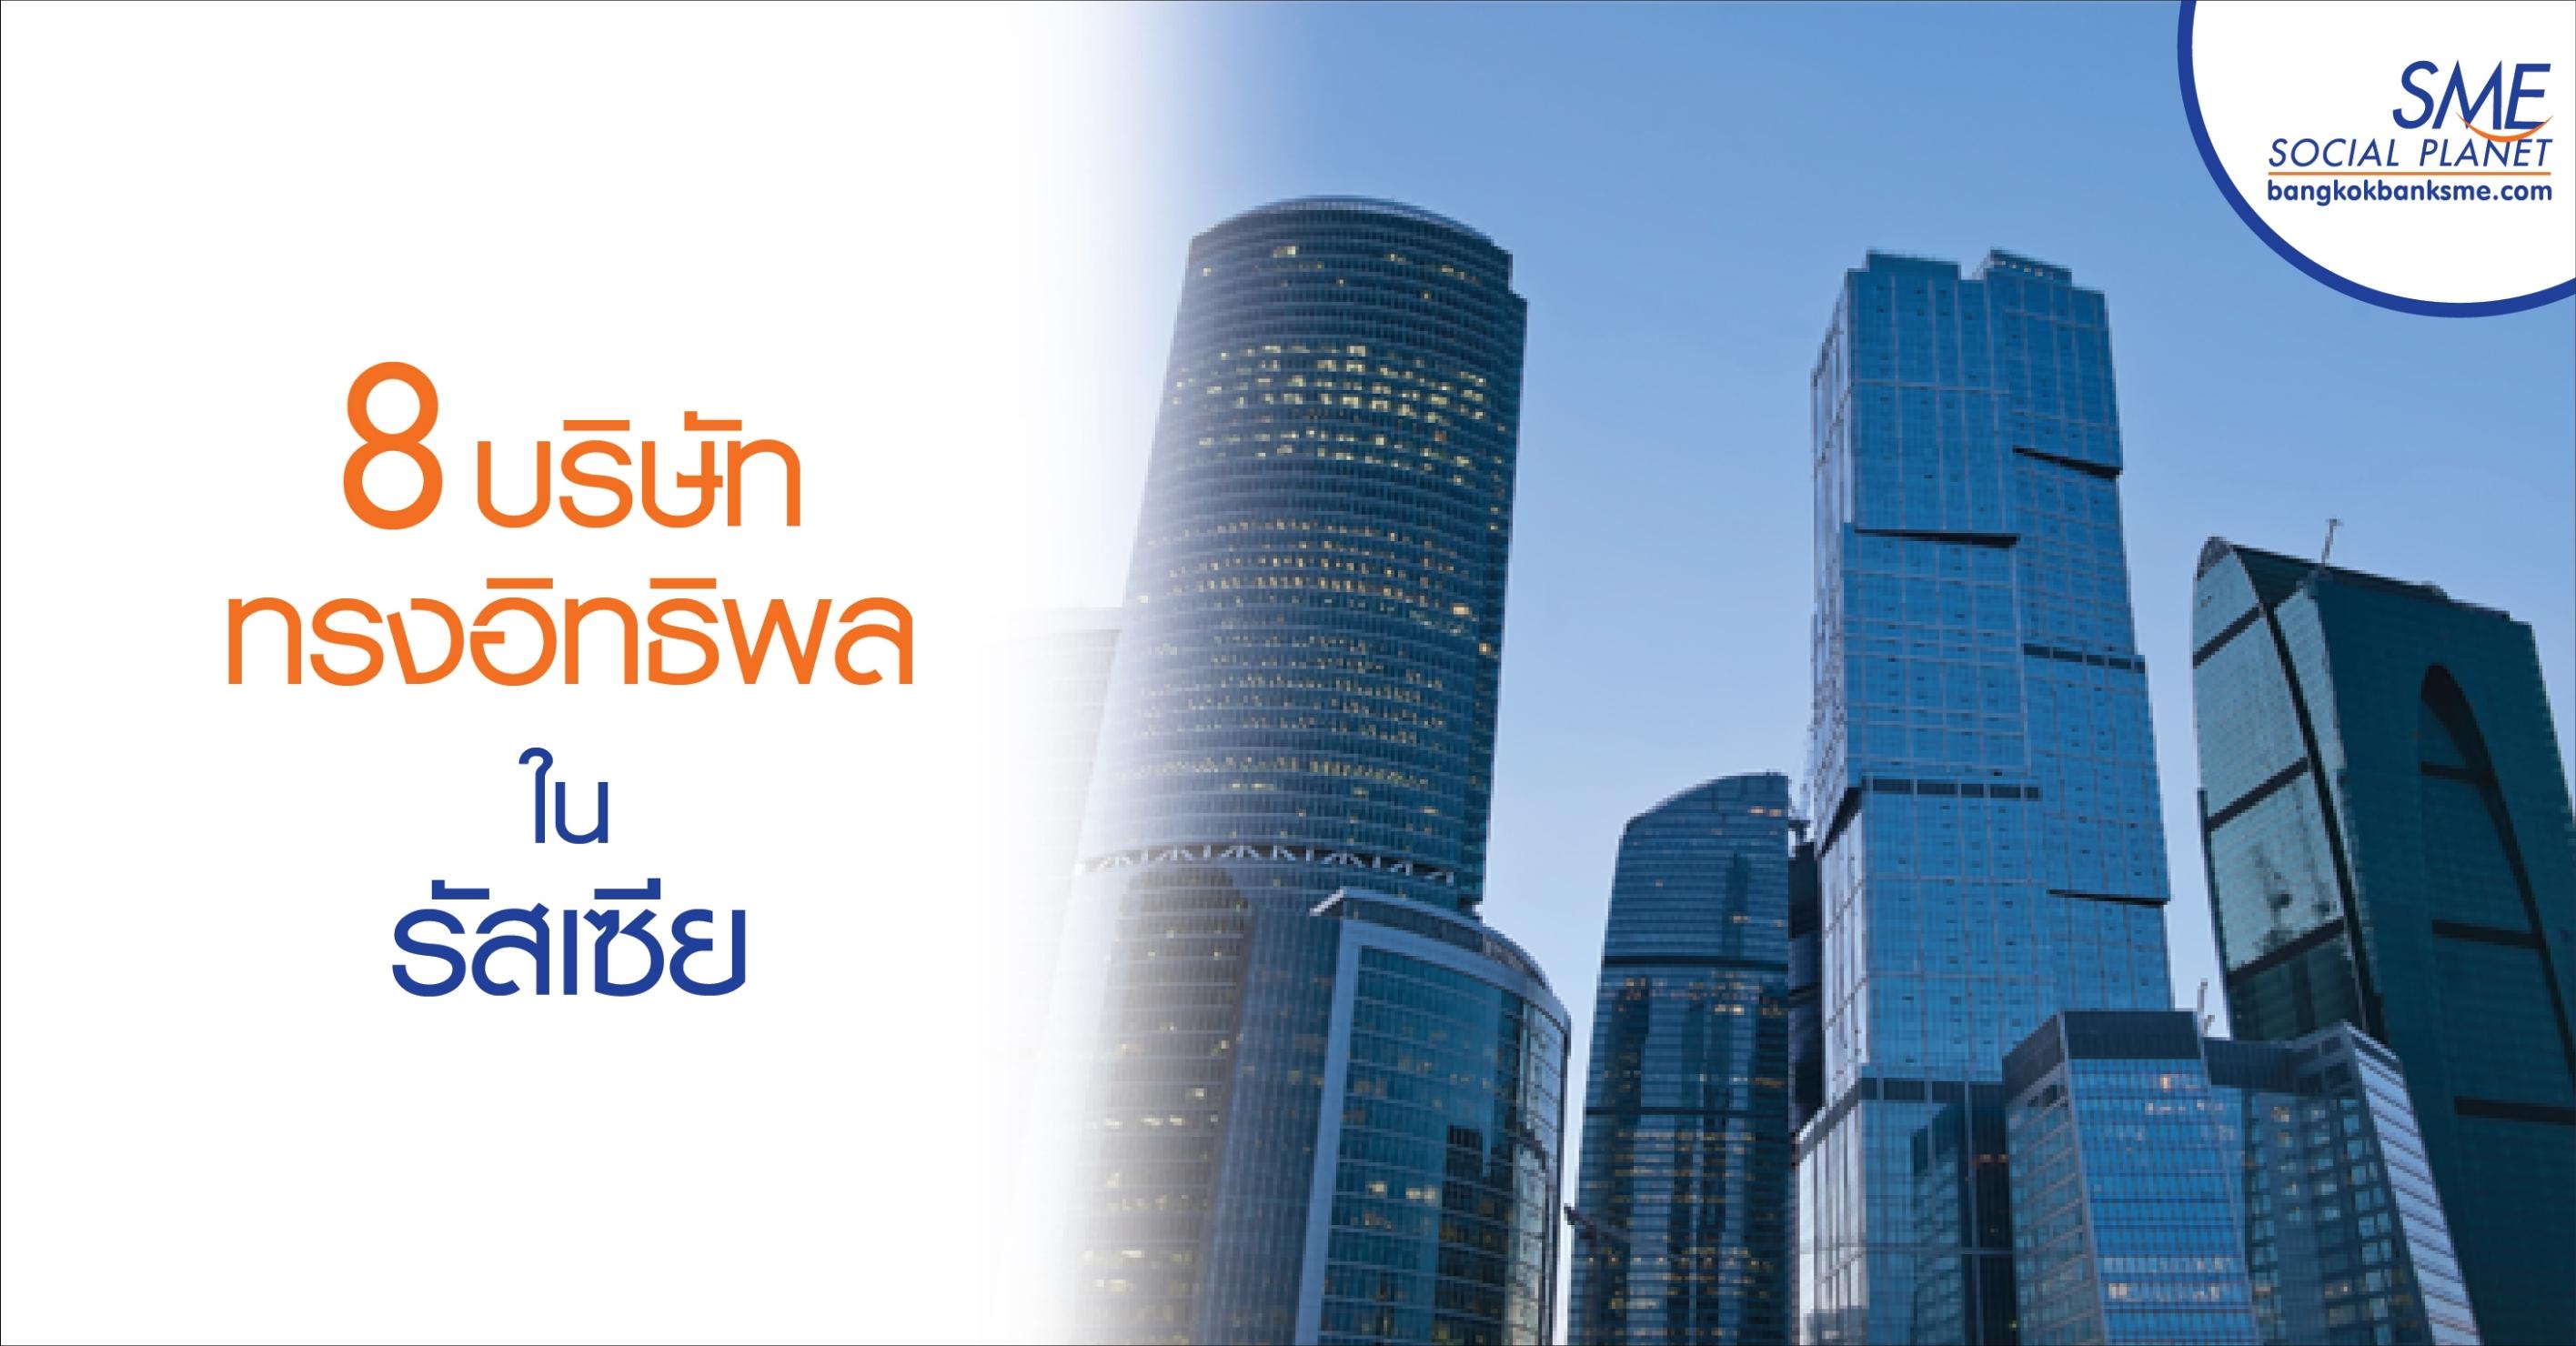 8 บริษัททรงอิทธิพลในรัสเซีย ดินแดนหลังม่านเหล็ก